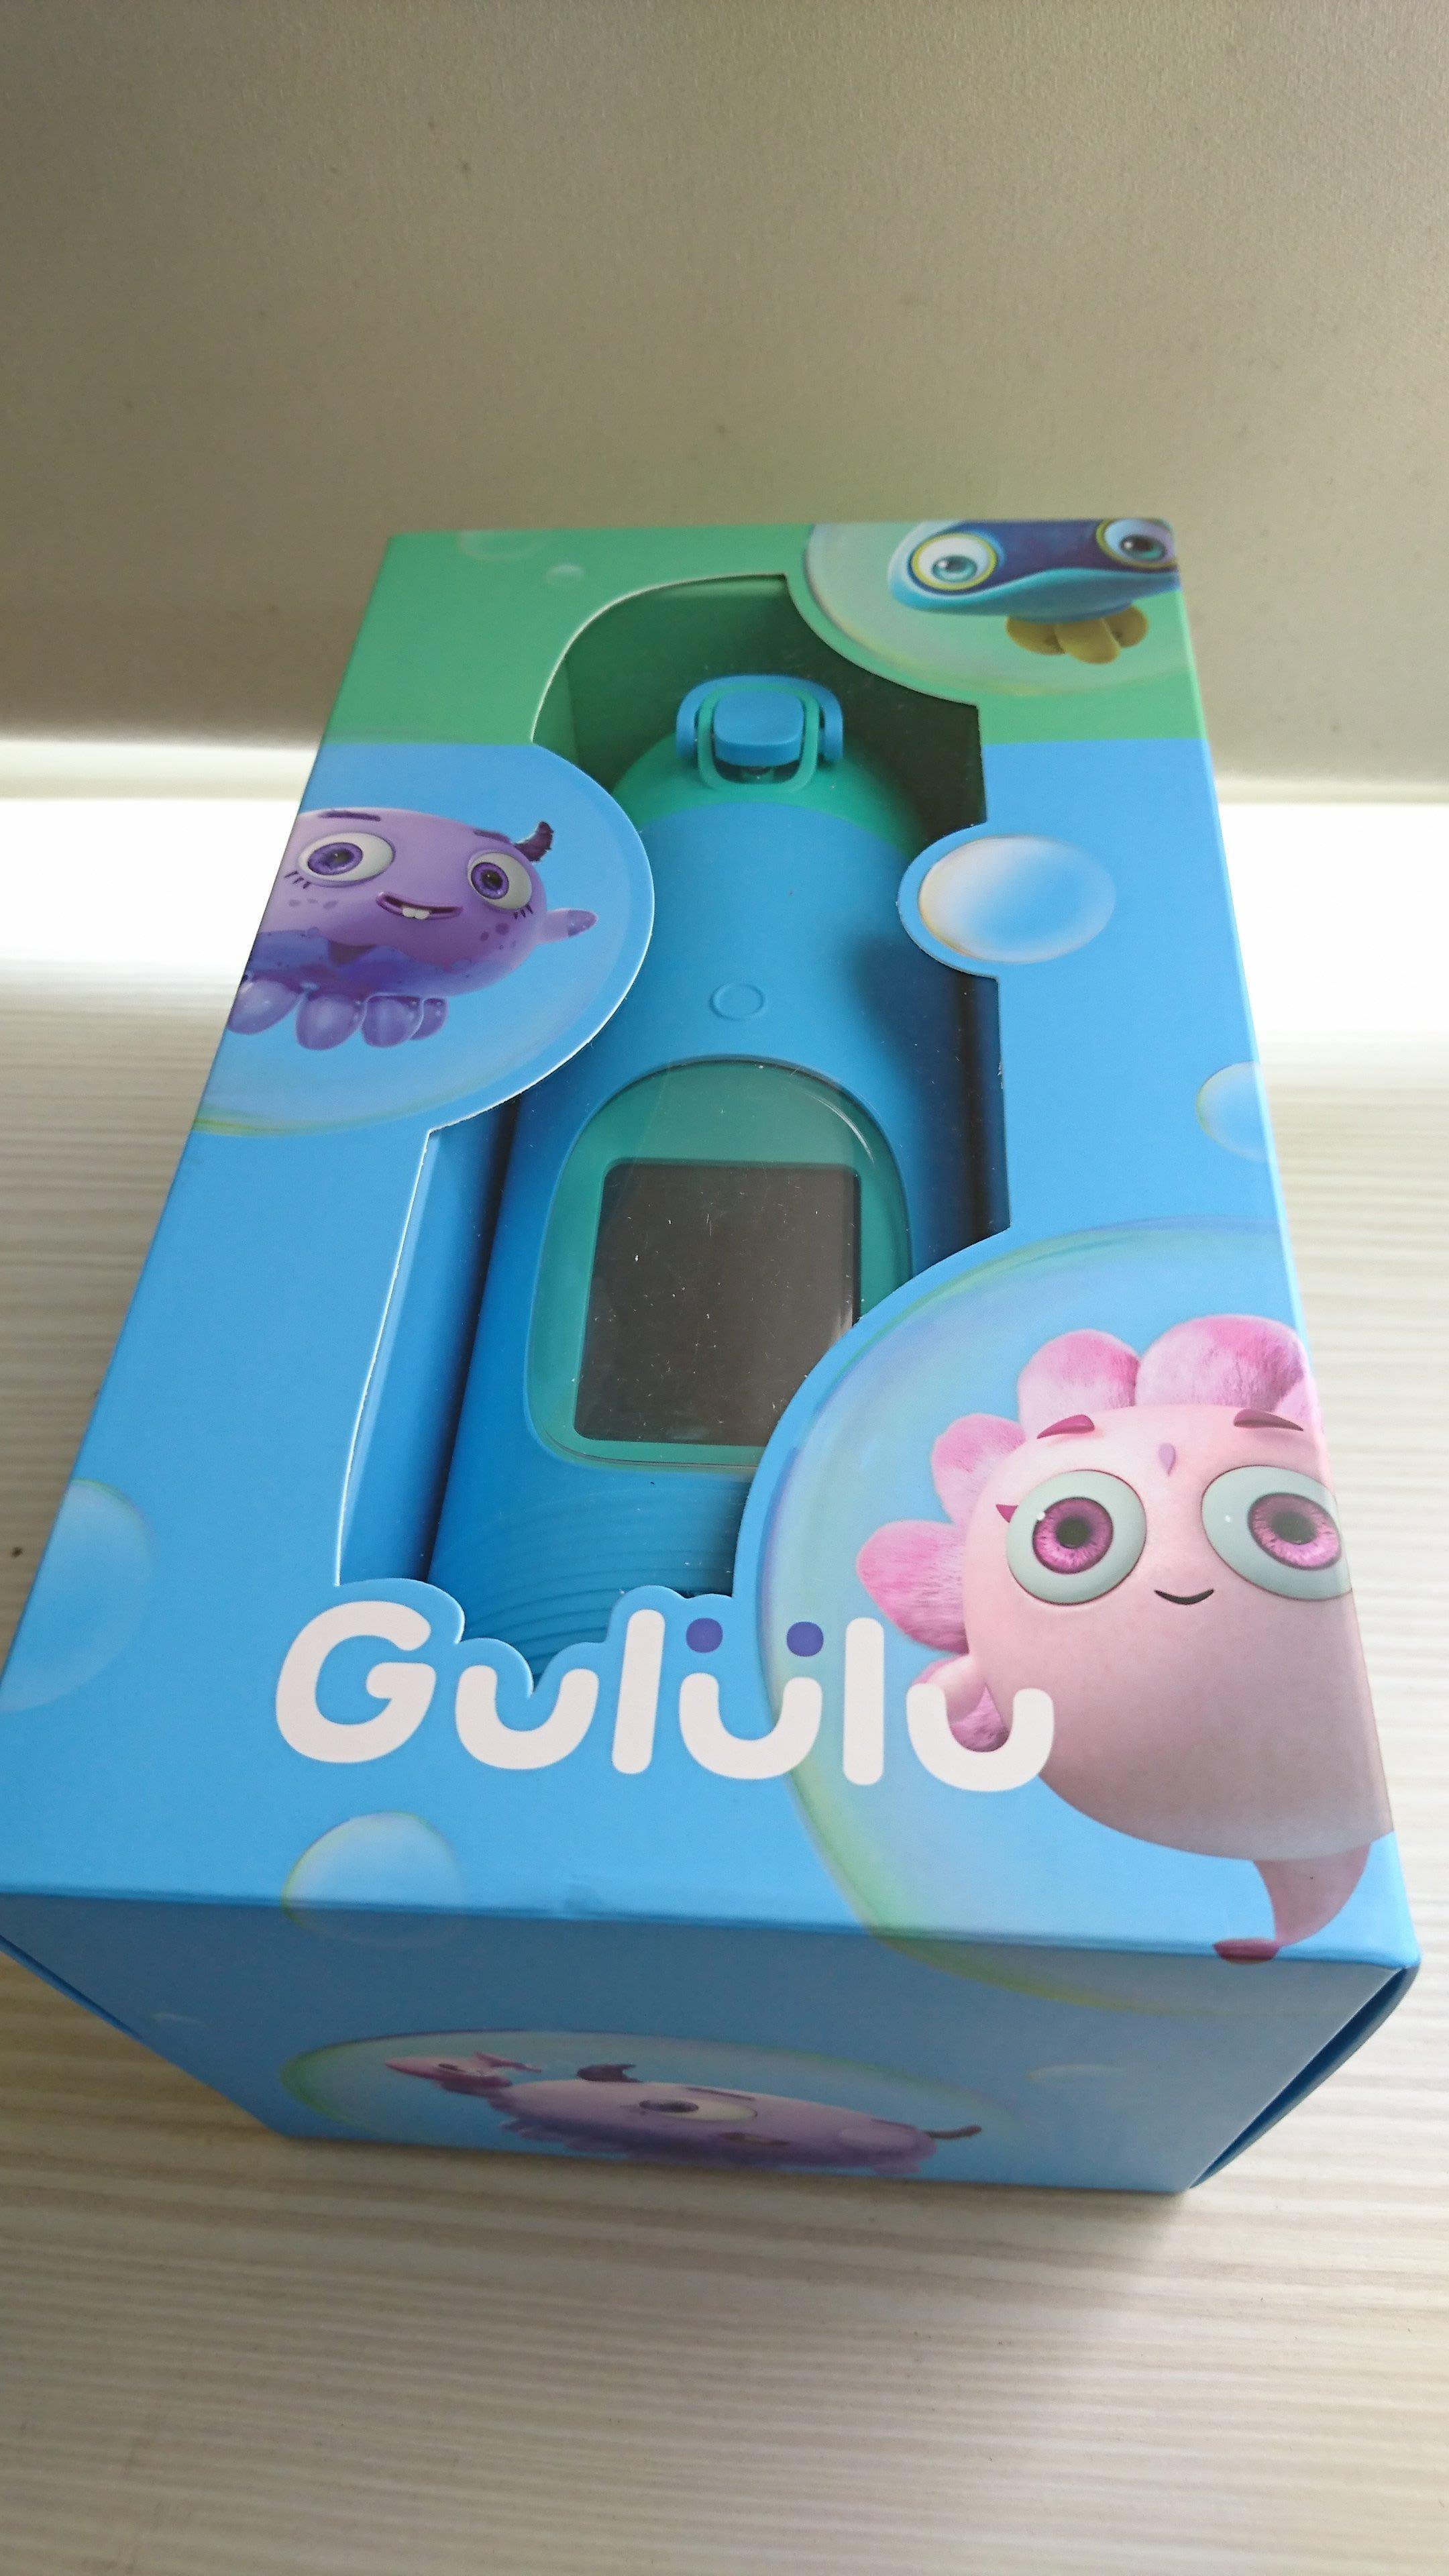 Gululu 水精靈 兒童智能水壺 Talk版 第二代 彈跳杯蓋 巨鯨藍 全新 現貨